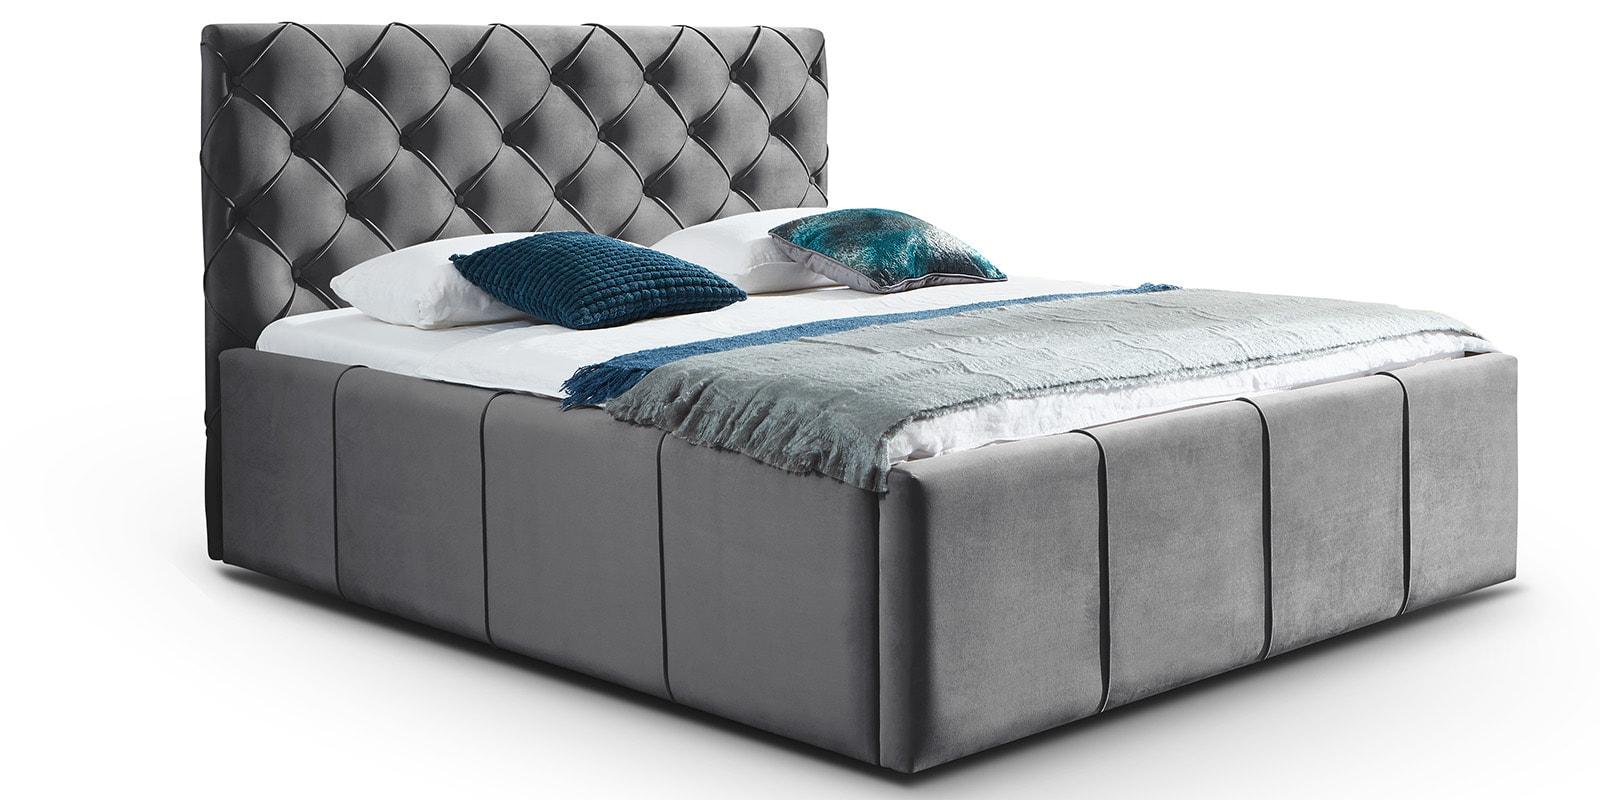 Full Size of Betten Mit Aufbewahrung Bett Bettkasten Xxl Stauraum In Samtstoff Nelly Günstig Kaufen Matratze Und Lattenrost Esstisch 4 Stühlen Einbauküche Bett Betten Mit Aufbewahrung